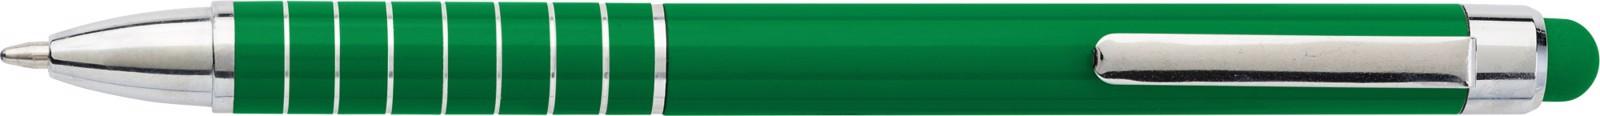 Aluminium lacquered ballpen - Green